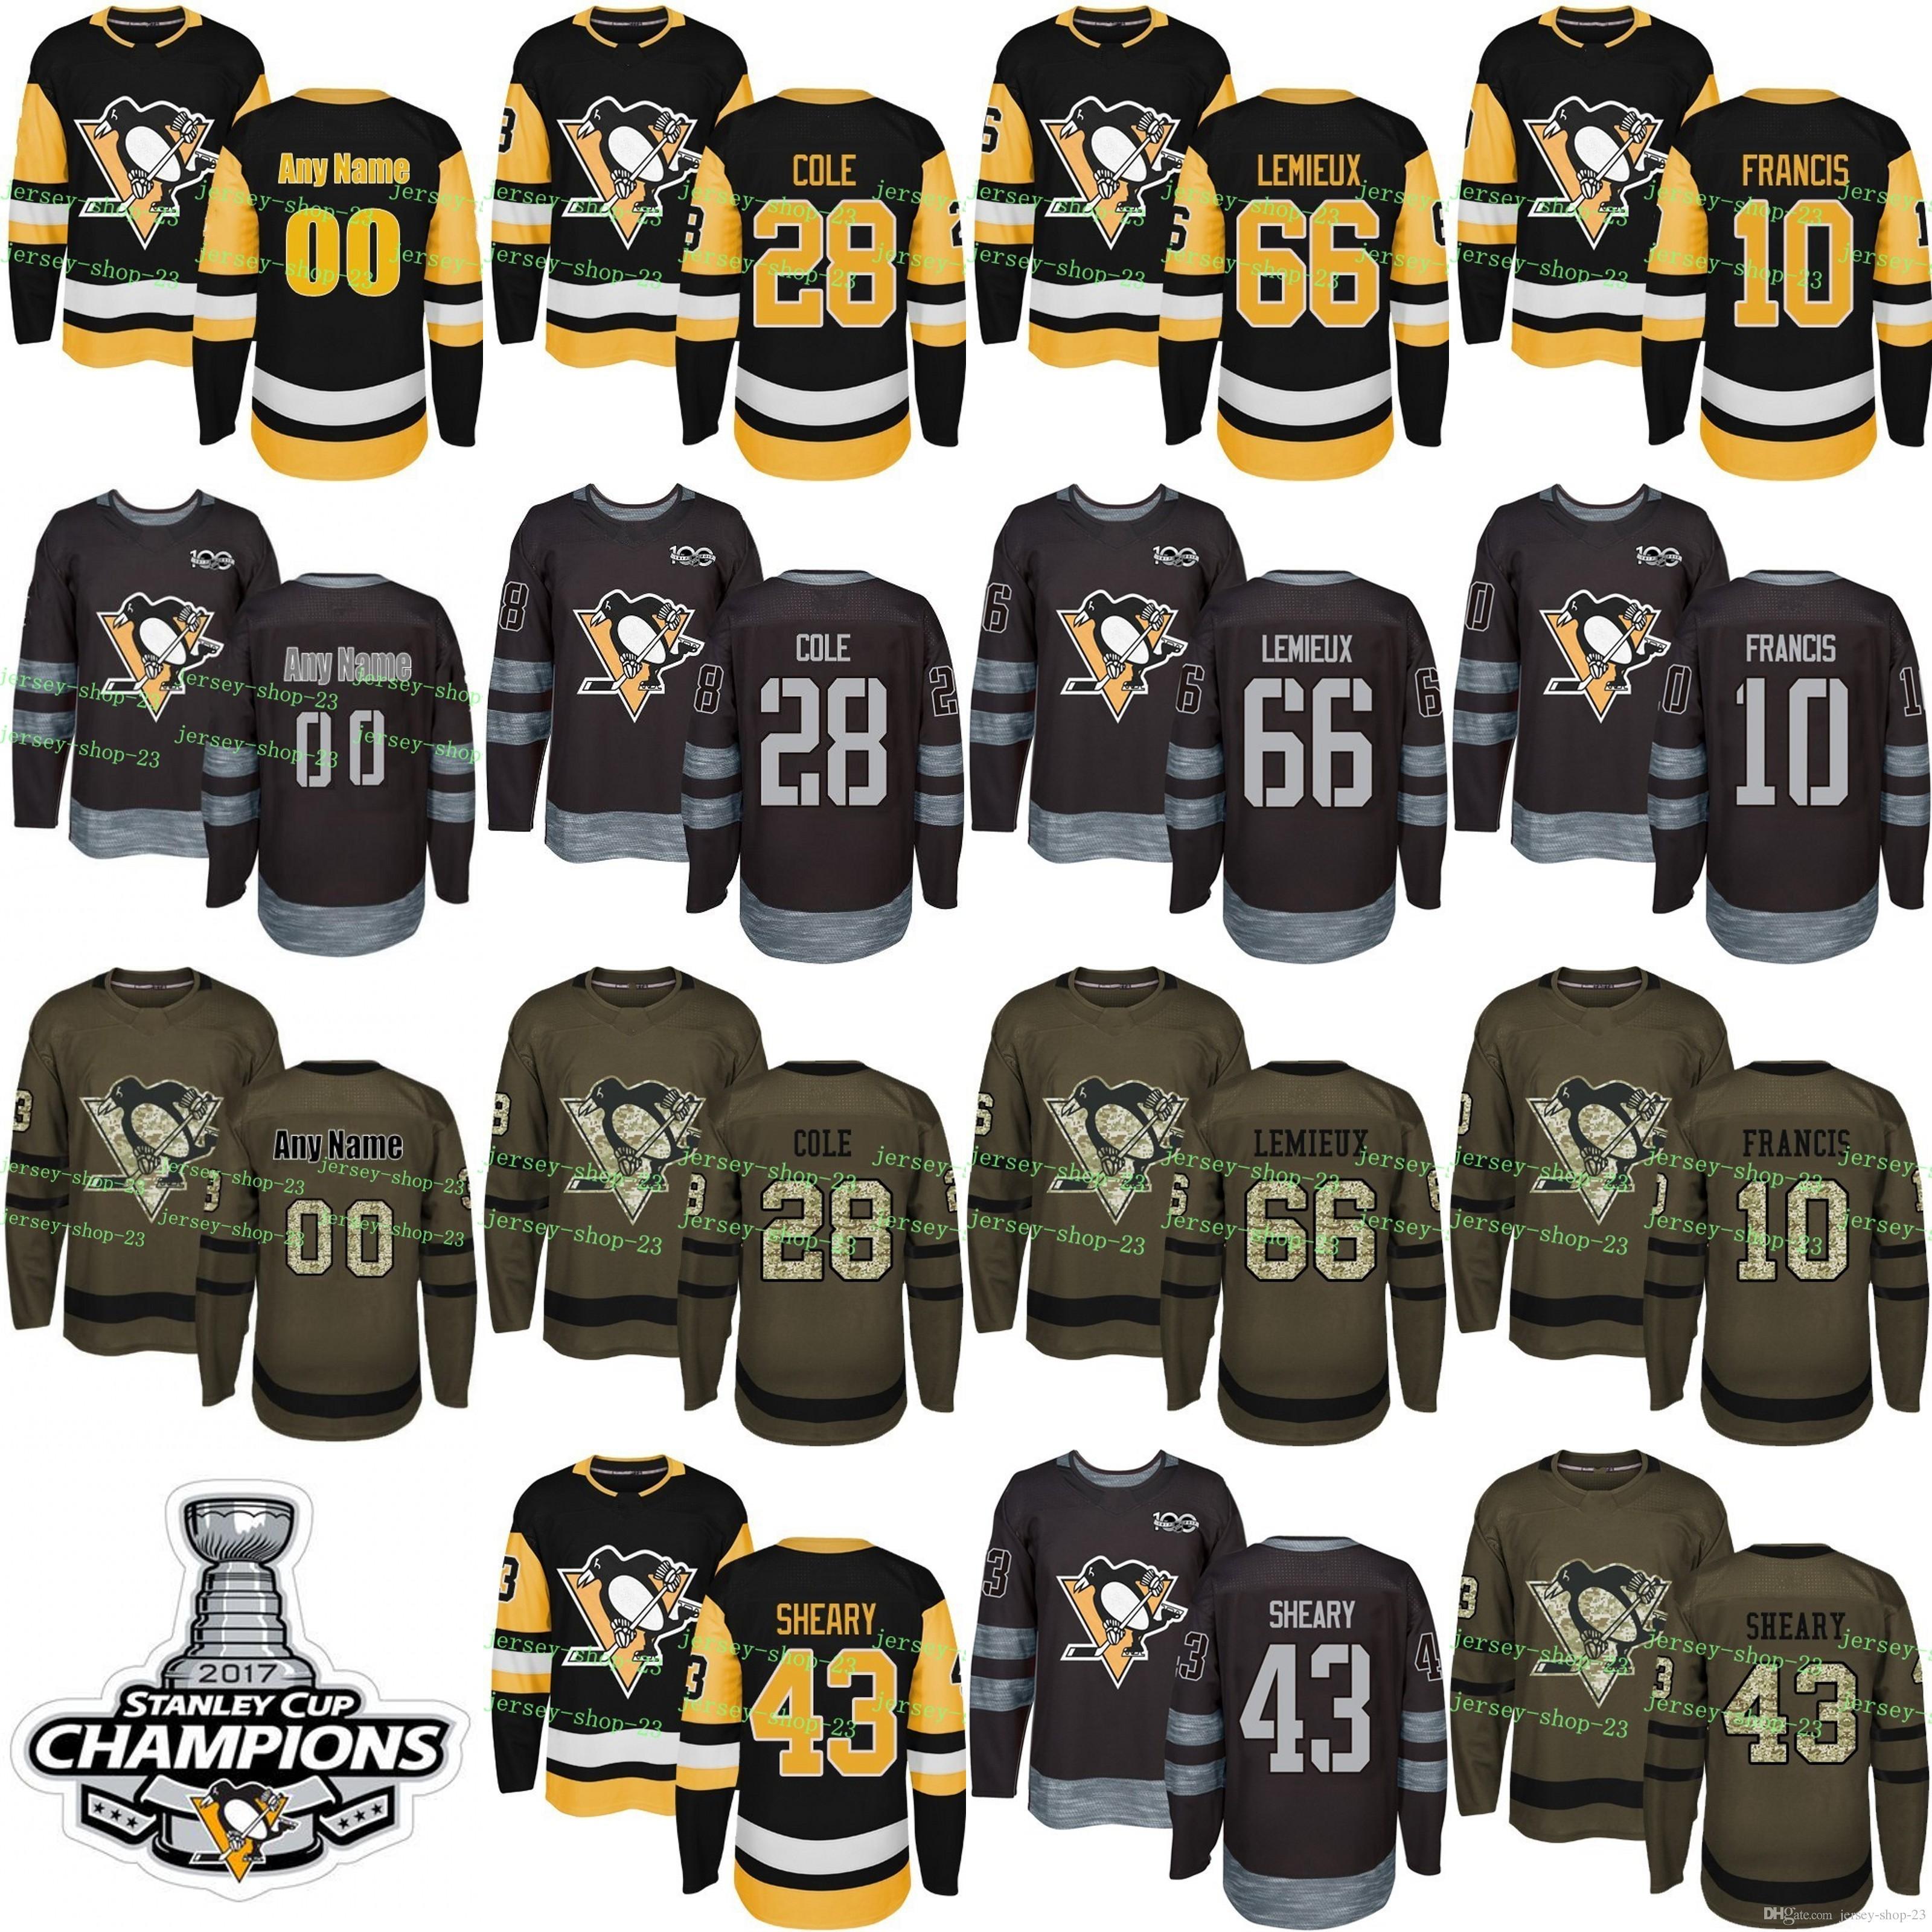 4ec586a751fe Custom Mens Womens Kids 2017 2018 New Logo Pittsburgh Penguins 10 Ron  Francis 28 Ian Cole 43 Conor Sheary 66 Mario Lemieux Hockey Jerseys UK 2019  From ...